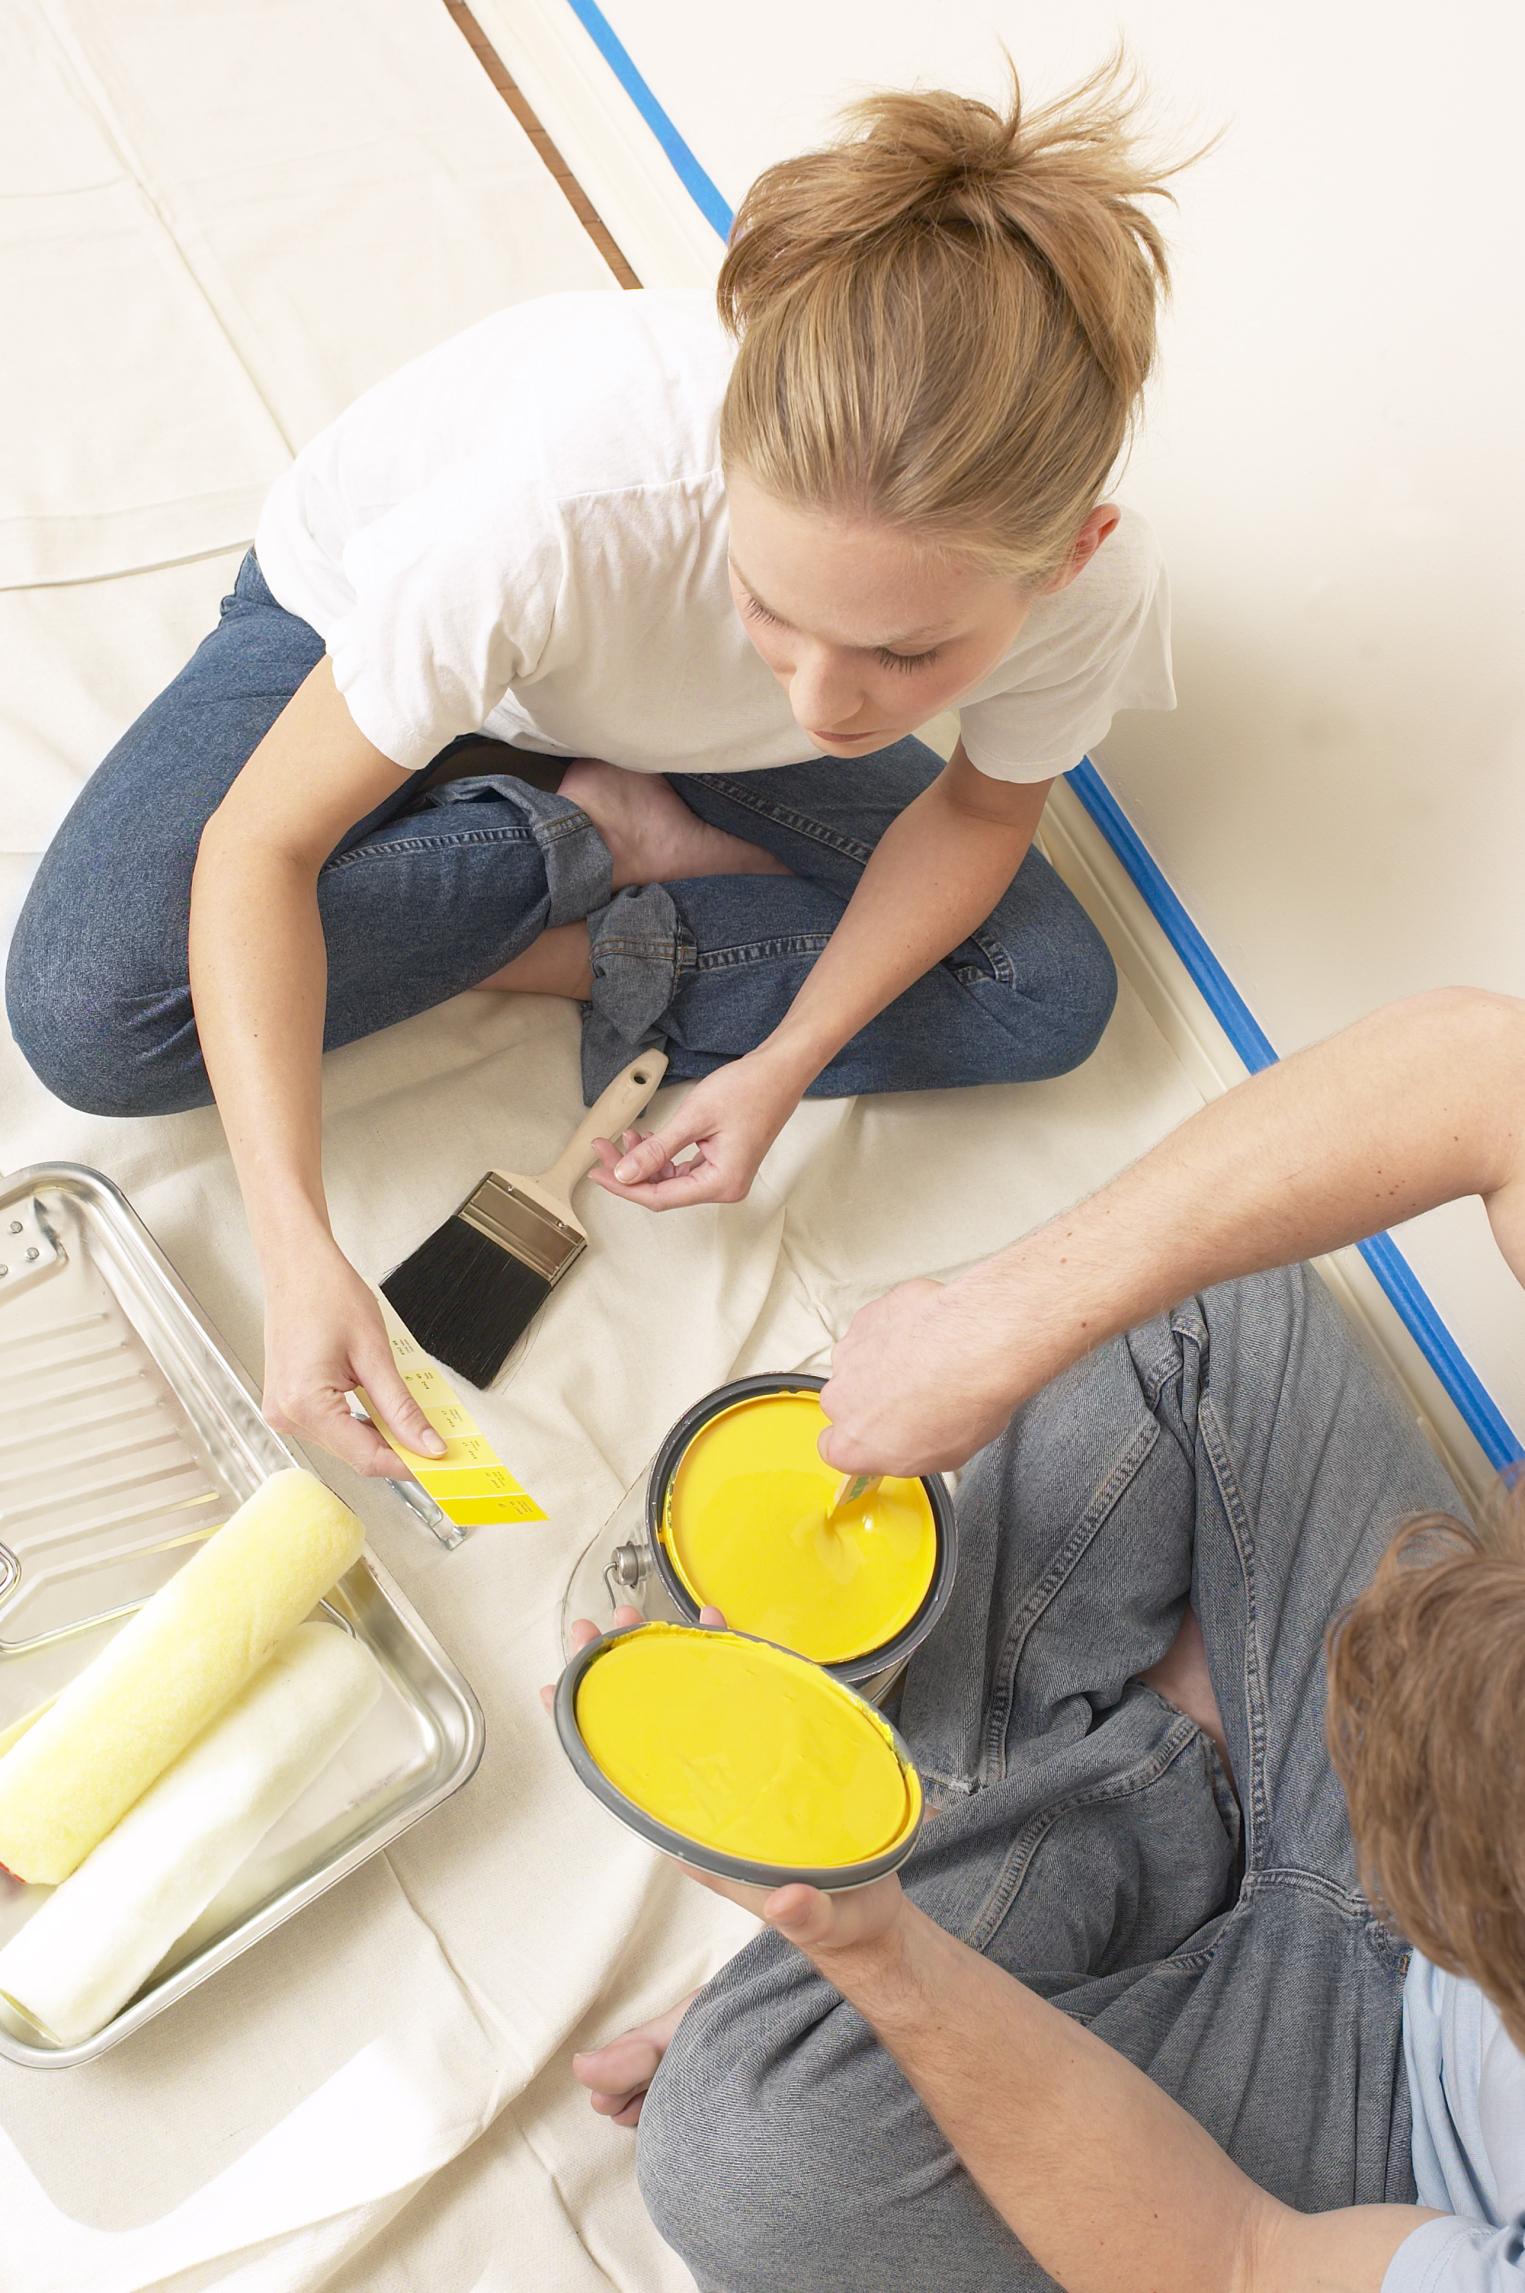 Pintar pared con humedad plantillas decorativas para - Pintar paredes con humedad ...